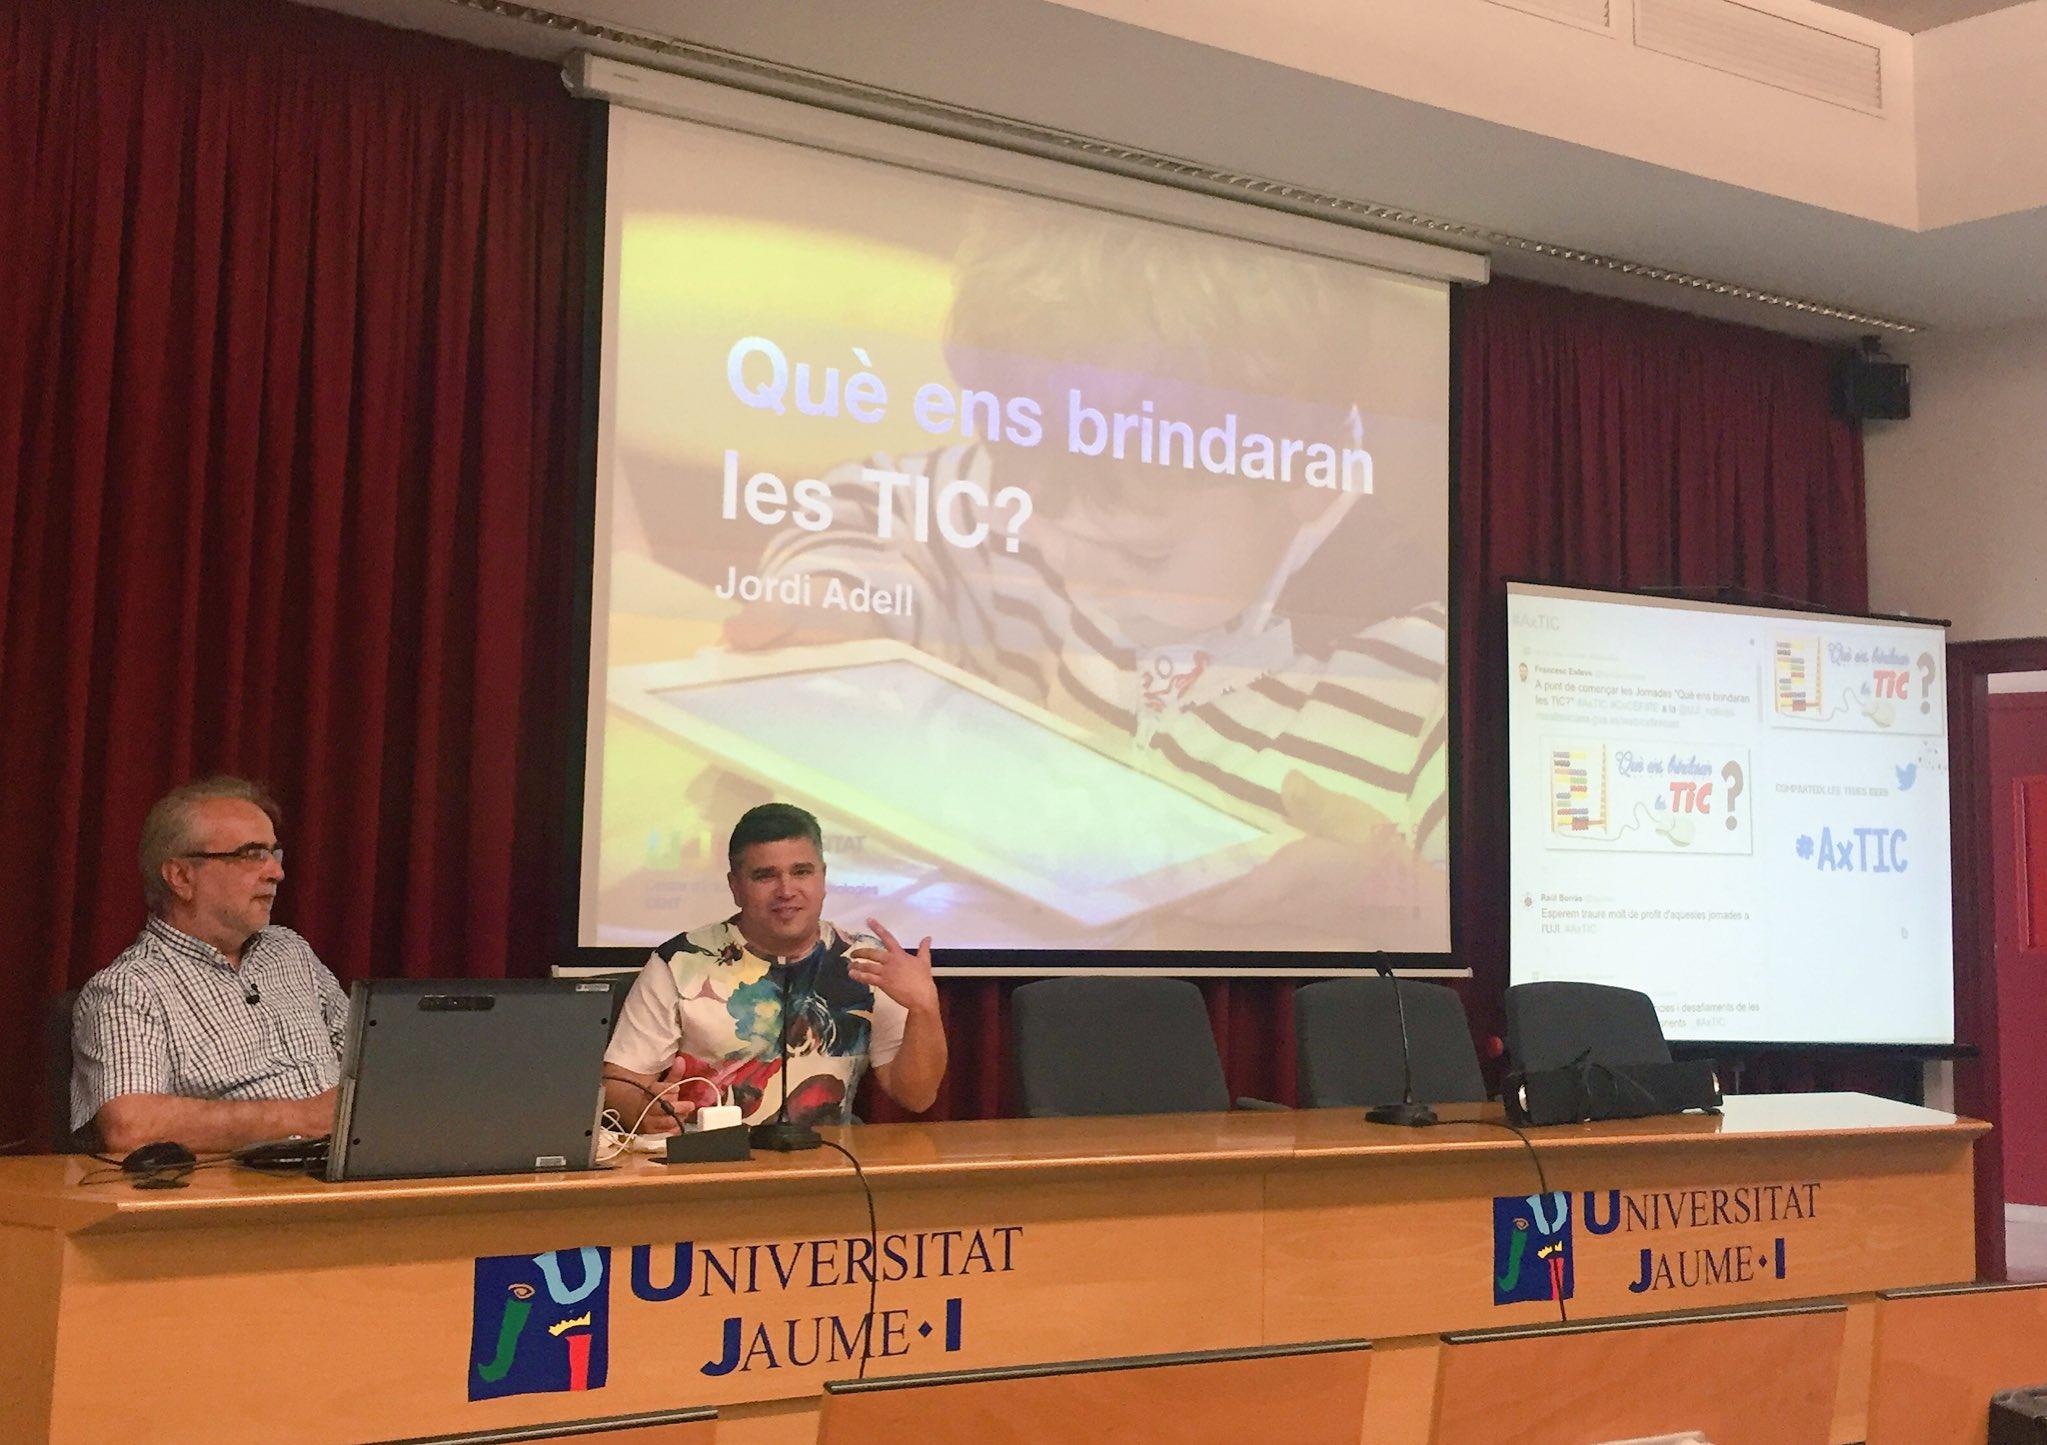 Comença la xarrada 'Què ens brindaran les TIC', a càrrec de @jordi_a presentat per @manel_canseco #AxTIC @UJI_noticies https://t.co/Qwc4eHBJup